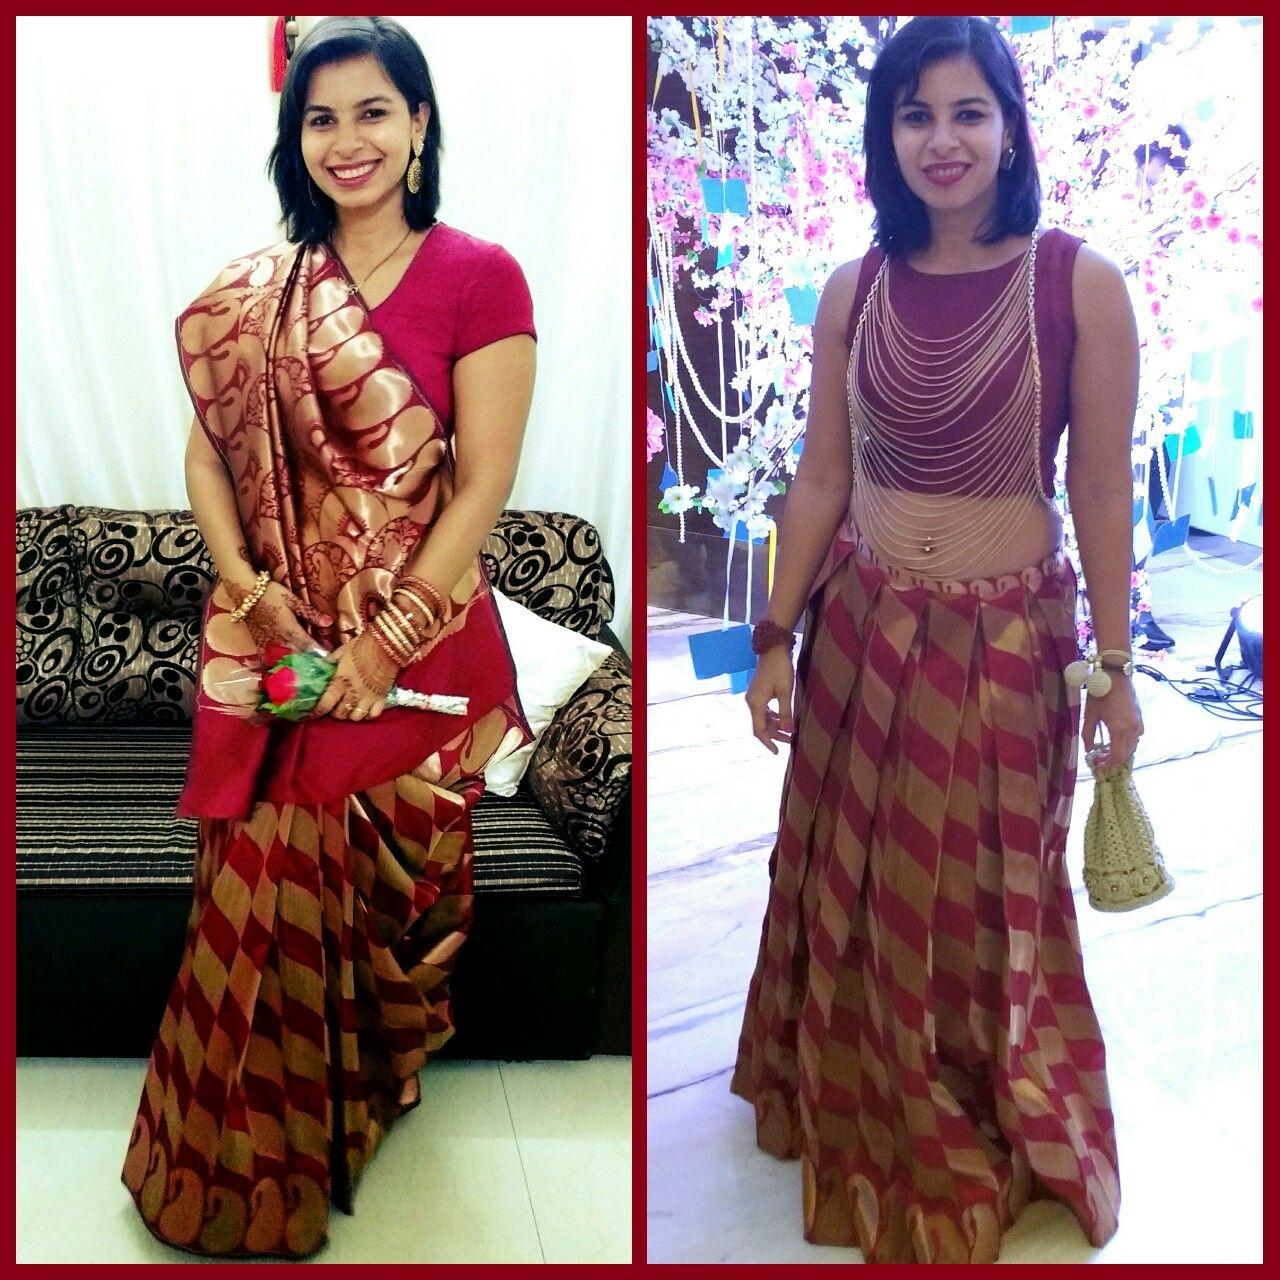 75ba1b06897 Saree converted to crop top - skirt combo #croptopnskirt #indian #wedding  #sareerepurpose #saree #reuse #ethnic #sangeetoutfit #sangeet#ootd #reuse